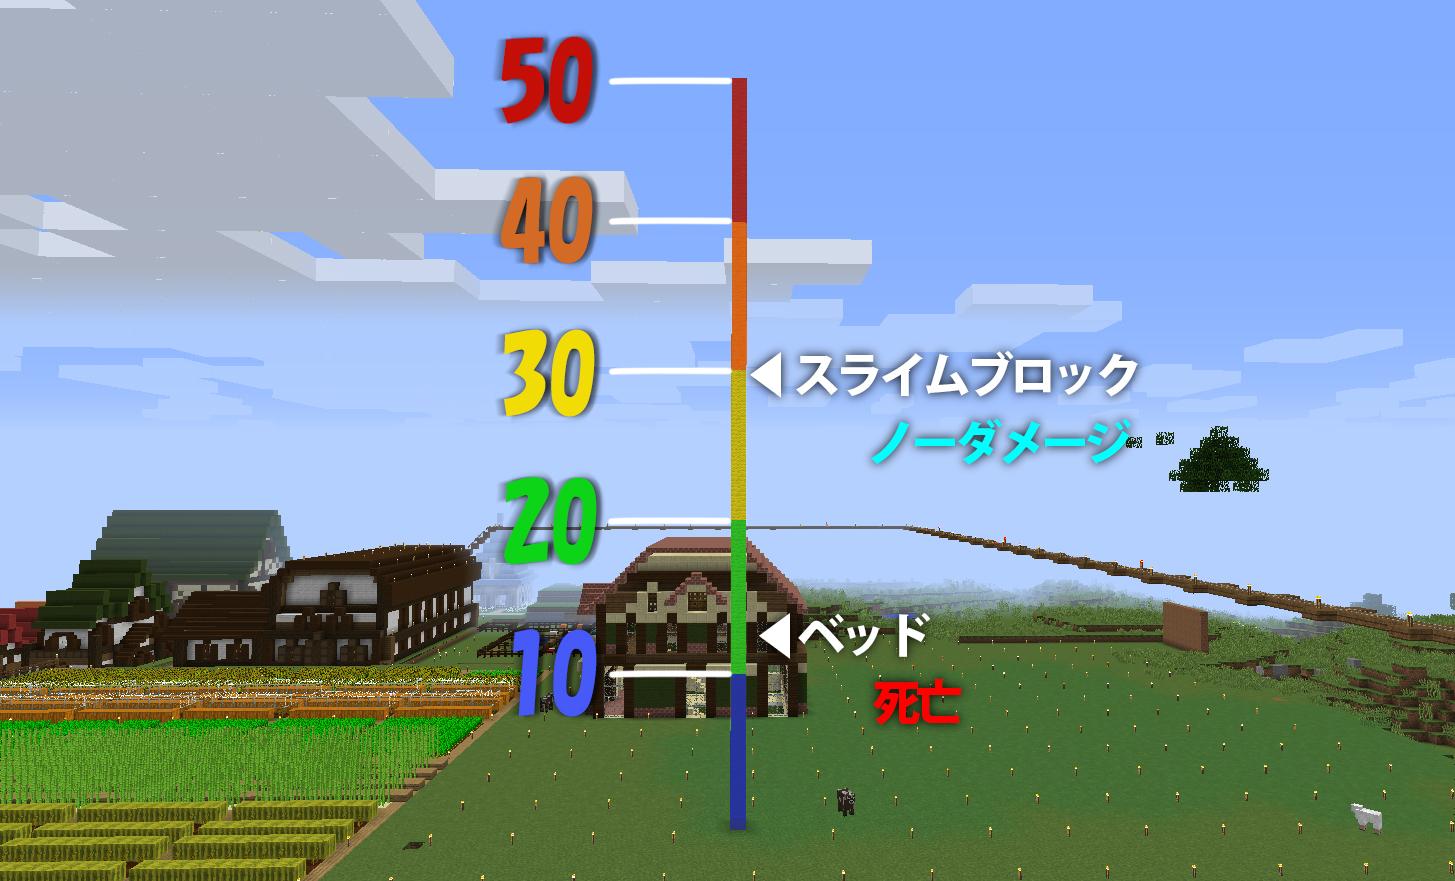 アップデート記念塔 kekka.jpg